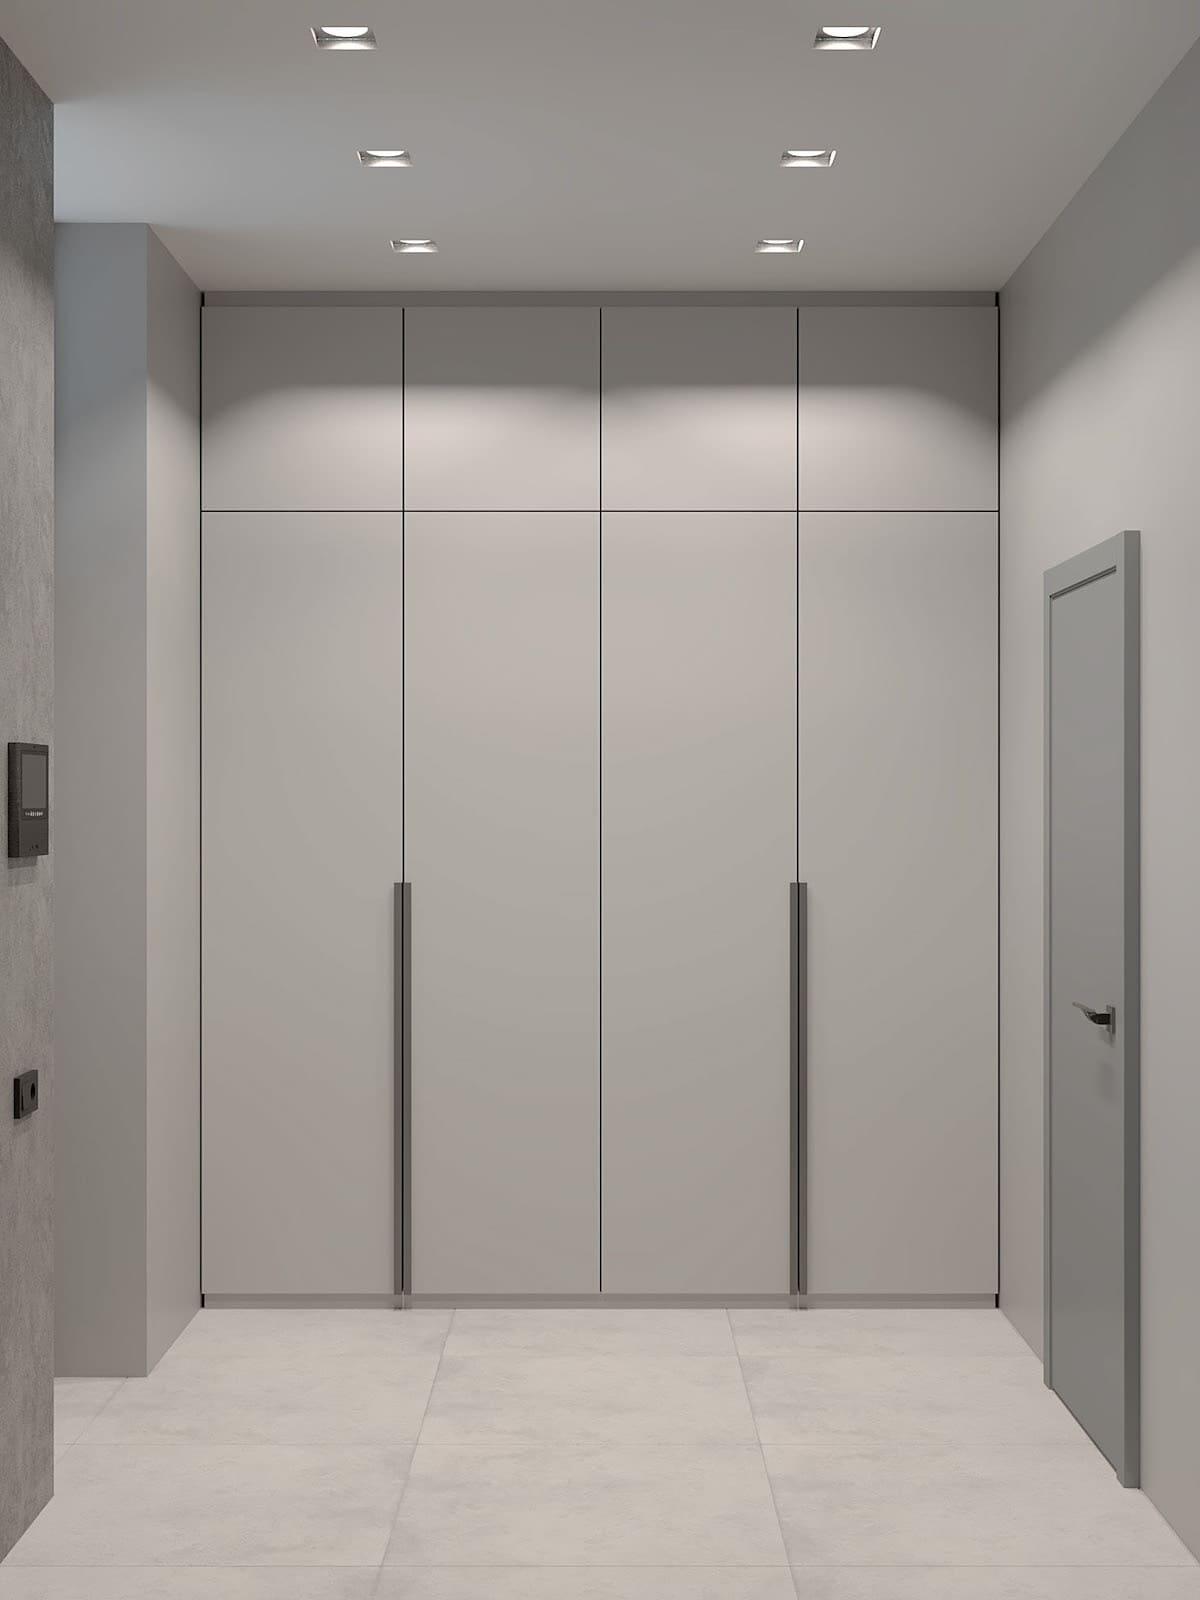 design d'intérieur couloir photo 20